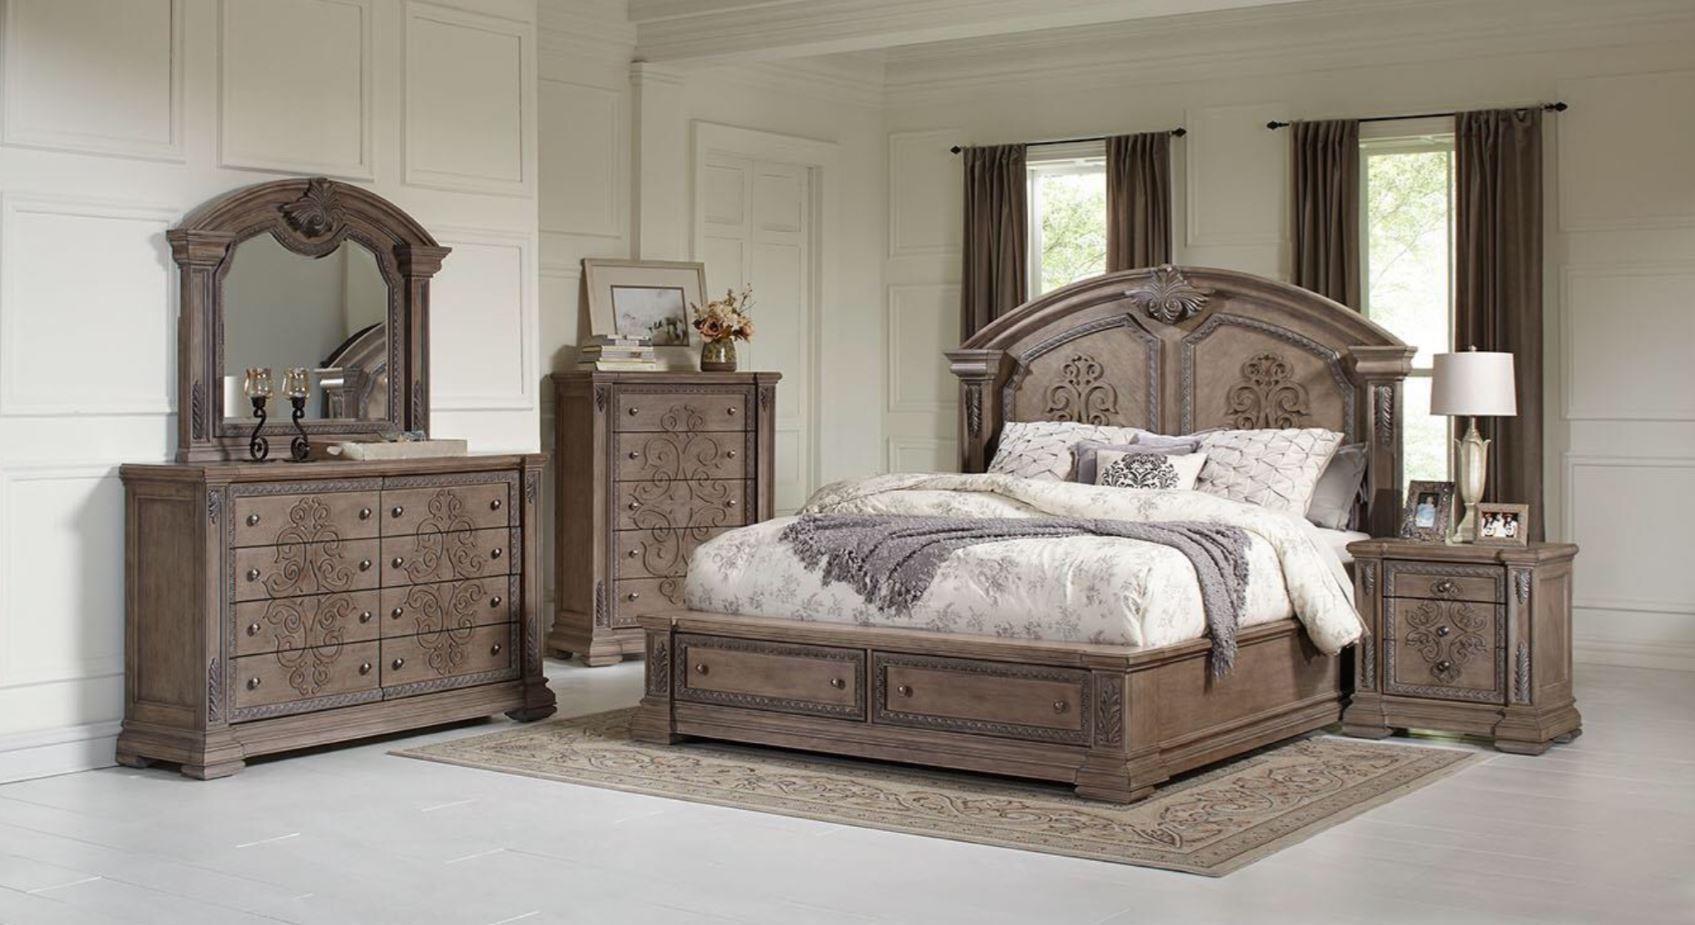 King Storage Bed, Dresser, Mirror & Nightsta